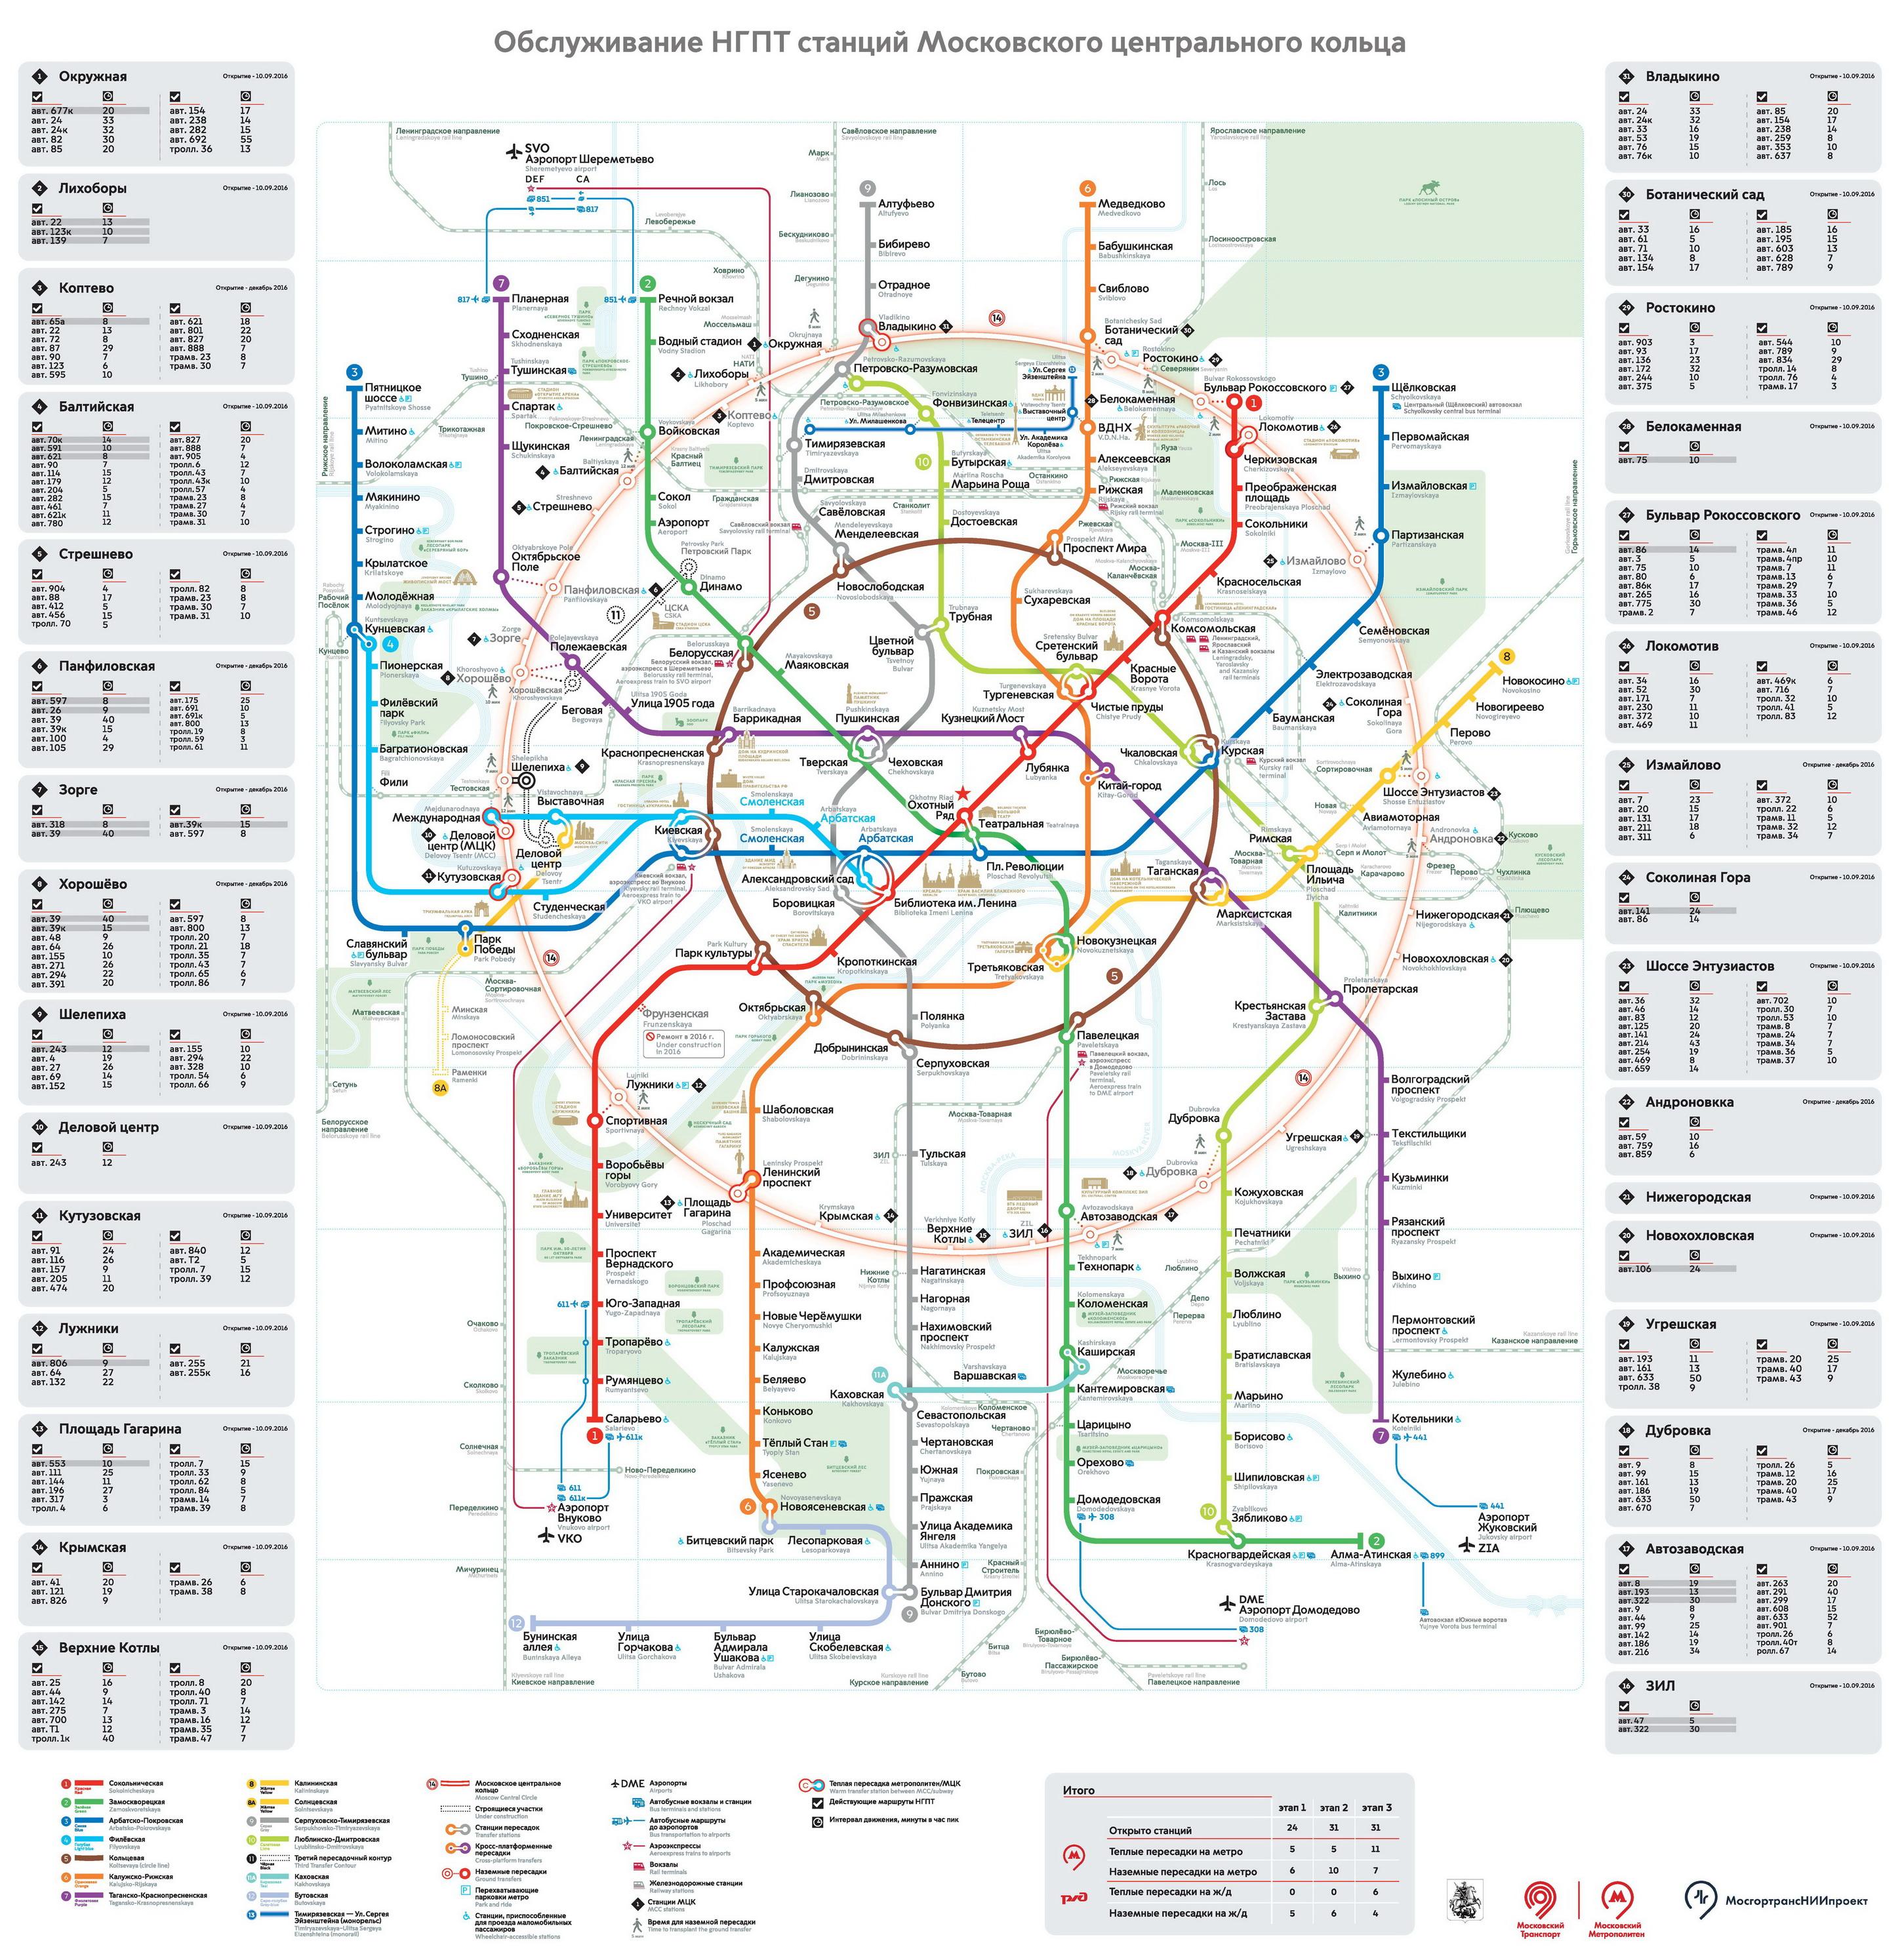 Схема метрополитена и московского центрального кольца фото 569